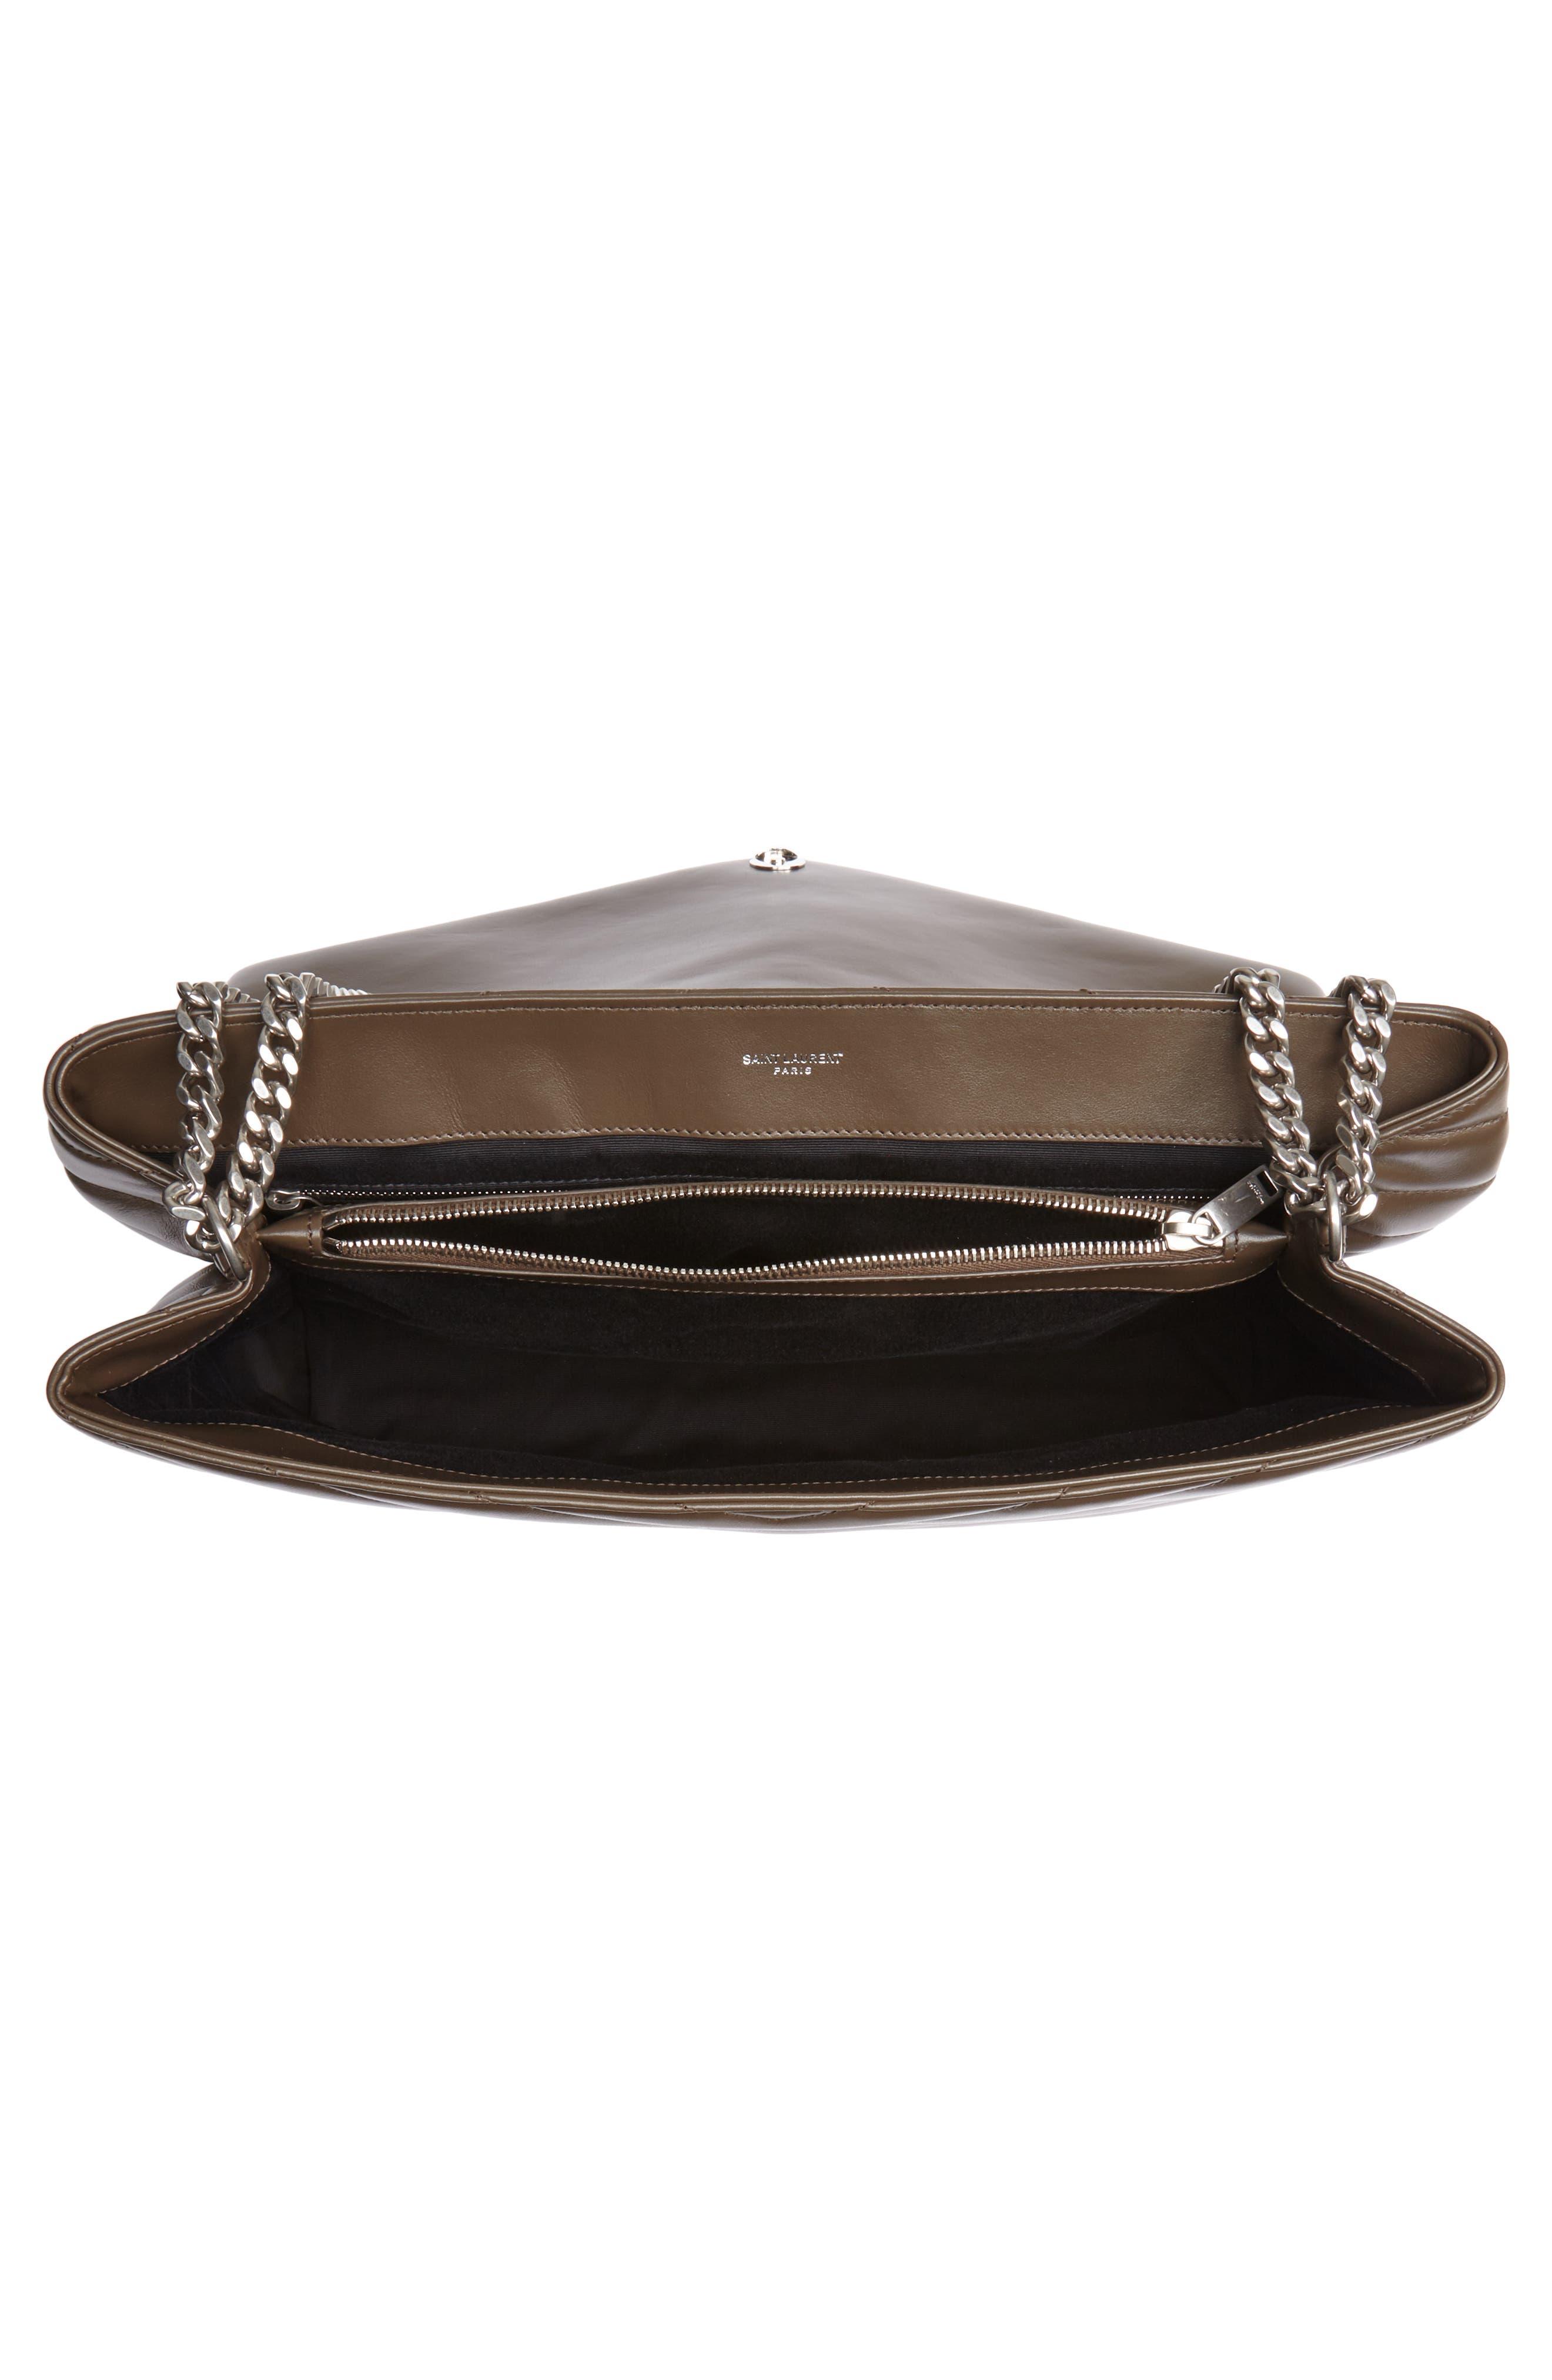 SAINT LAURENT, Large Loulou Matelassé Leather Shoulder Bag, Alternate thumbnail 4, color, FAGGIO/ FAGGIO